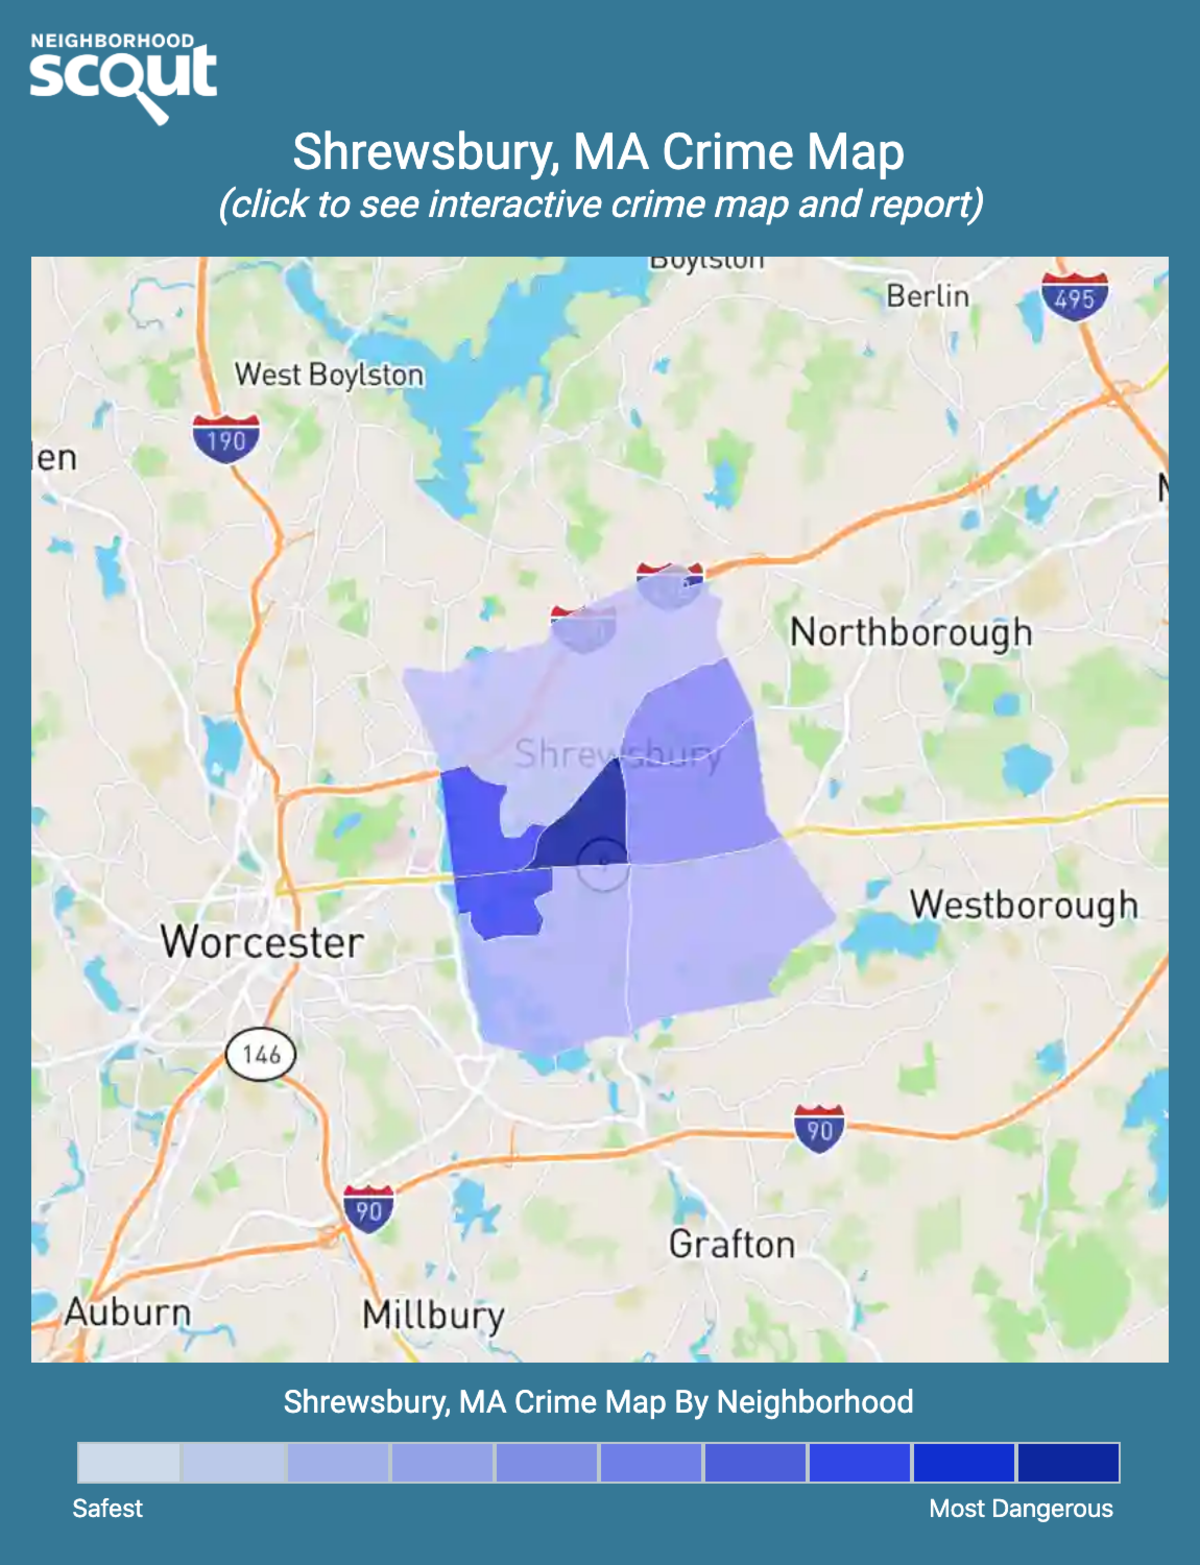 Shrewsbury, Massachusetts crime map